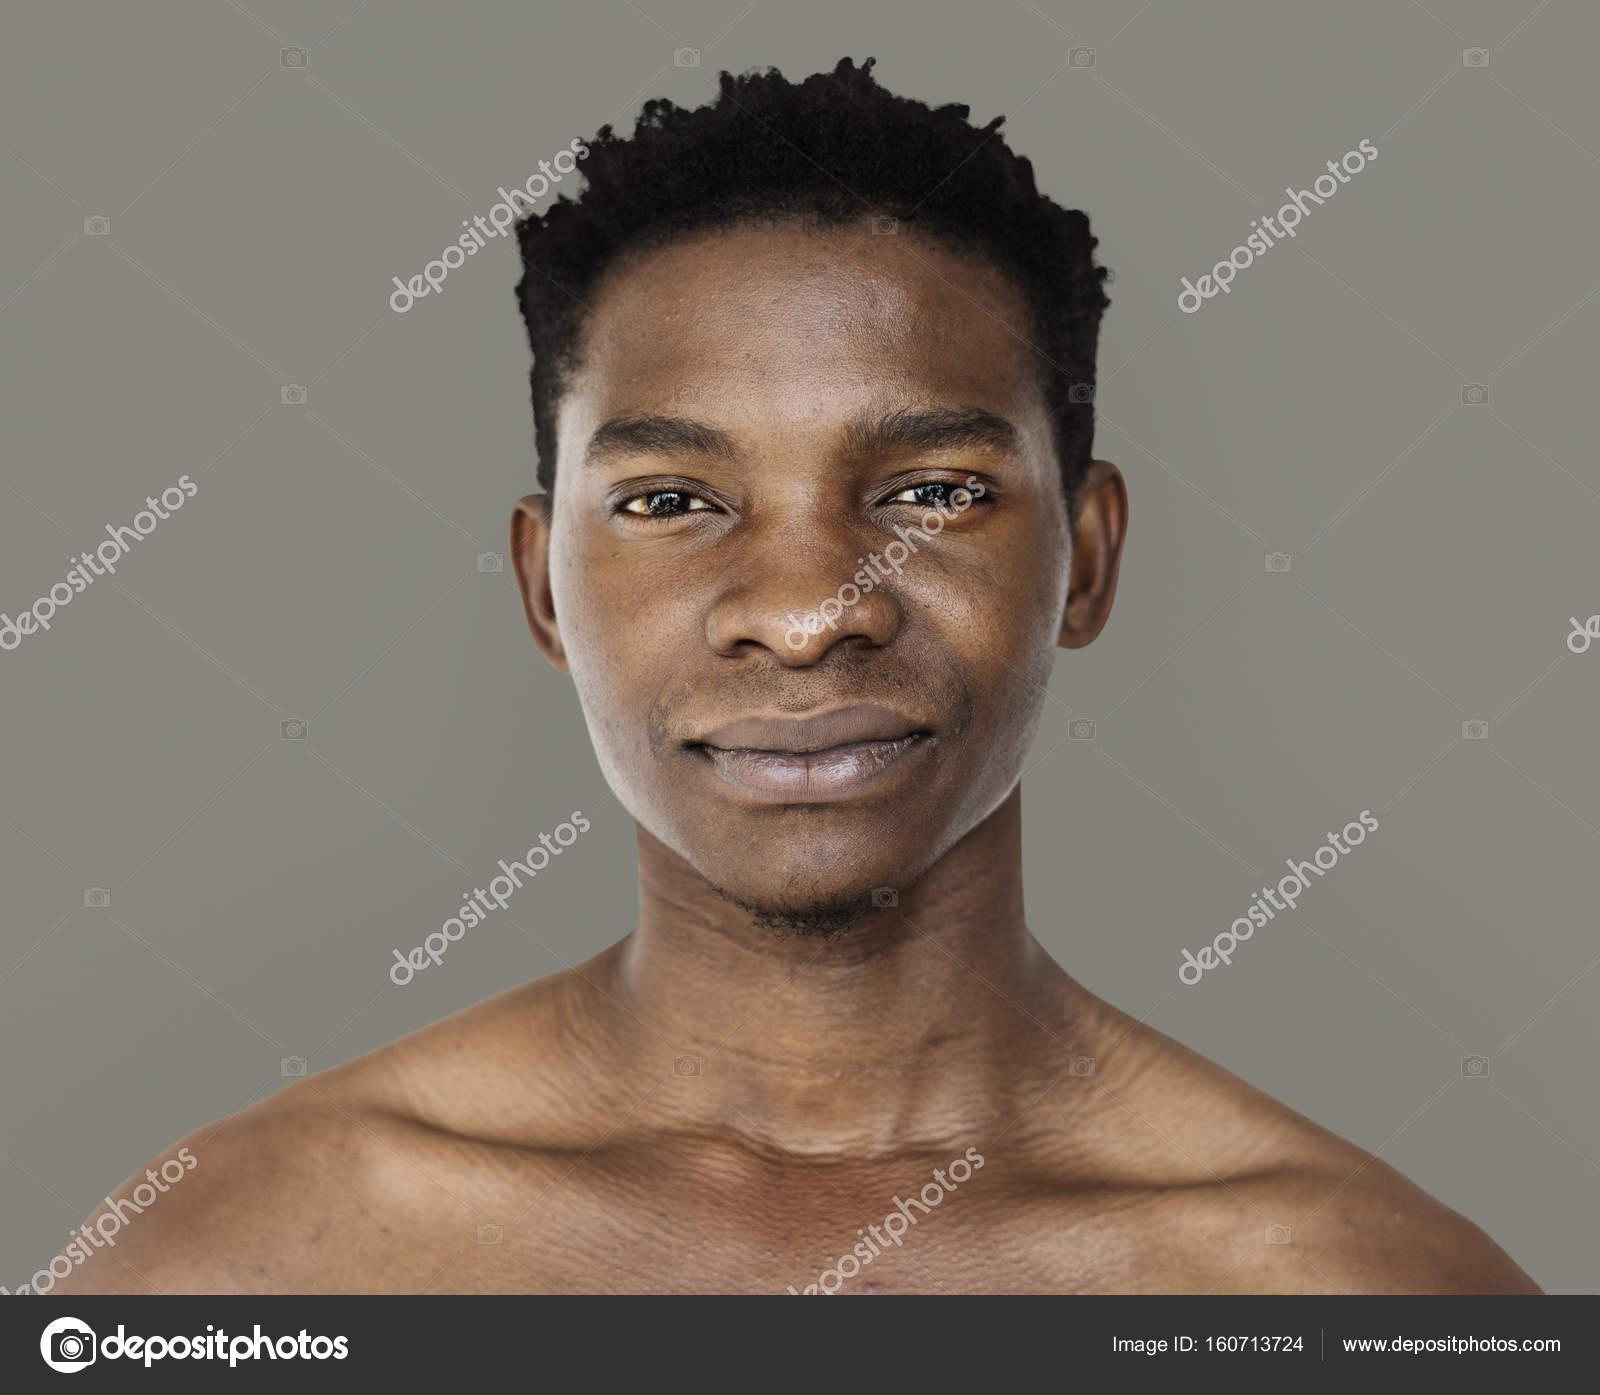 Unga Bröst